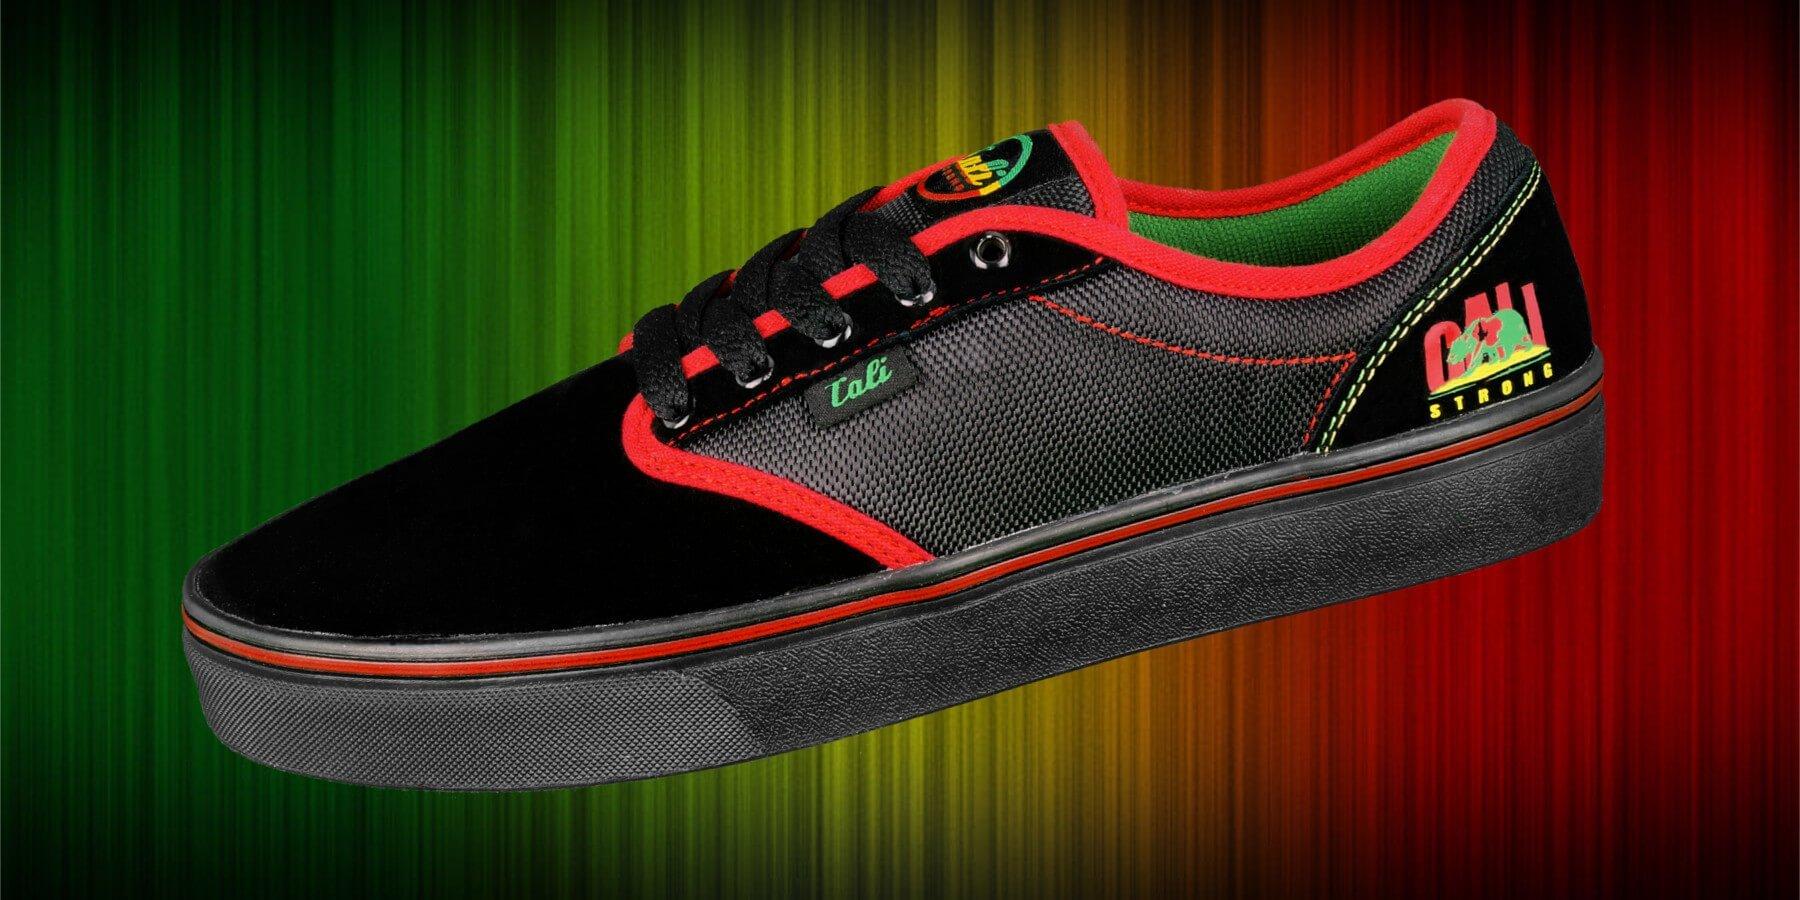 CALI Strong OC Rasta Skate Shoe